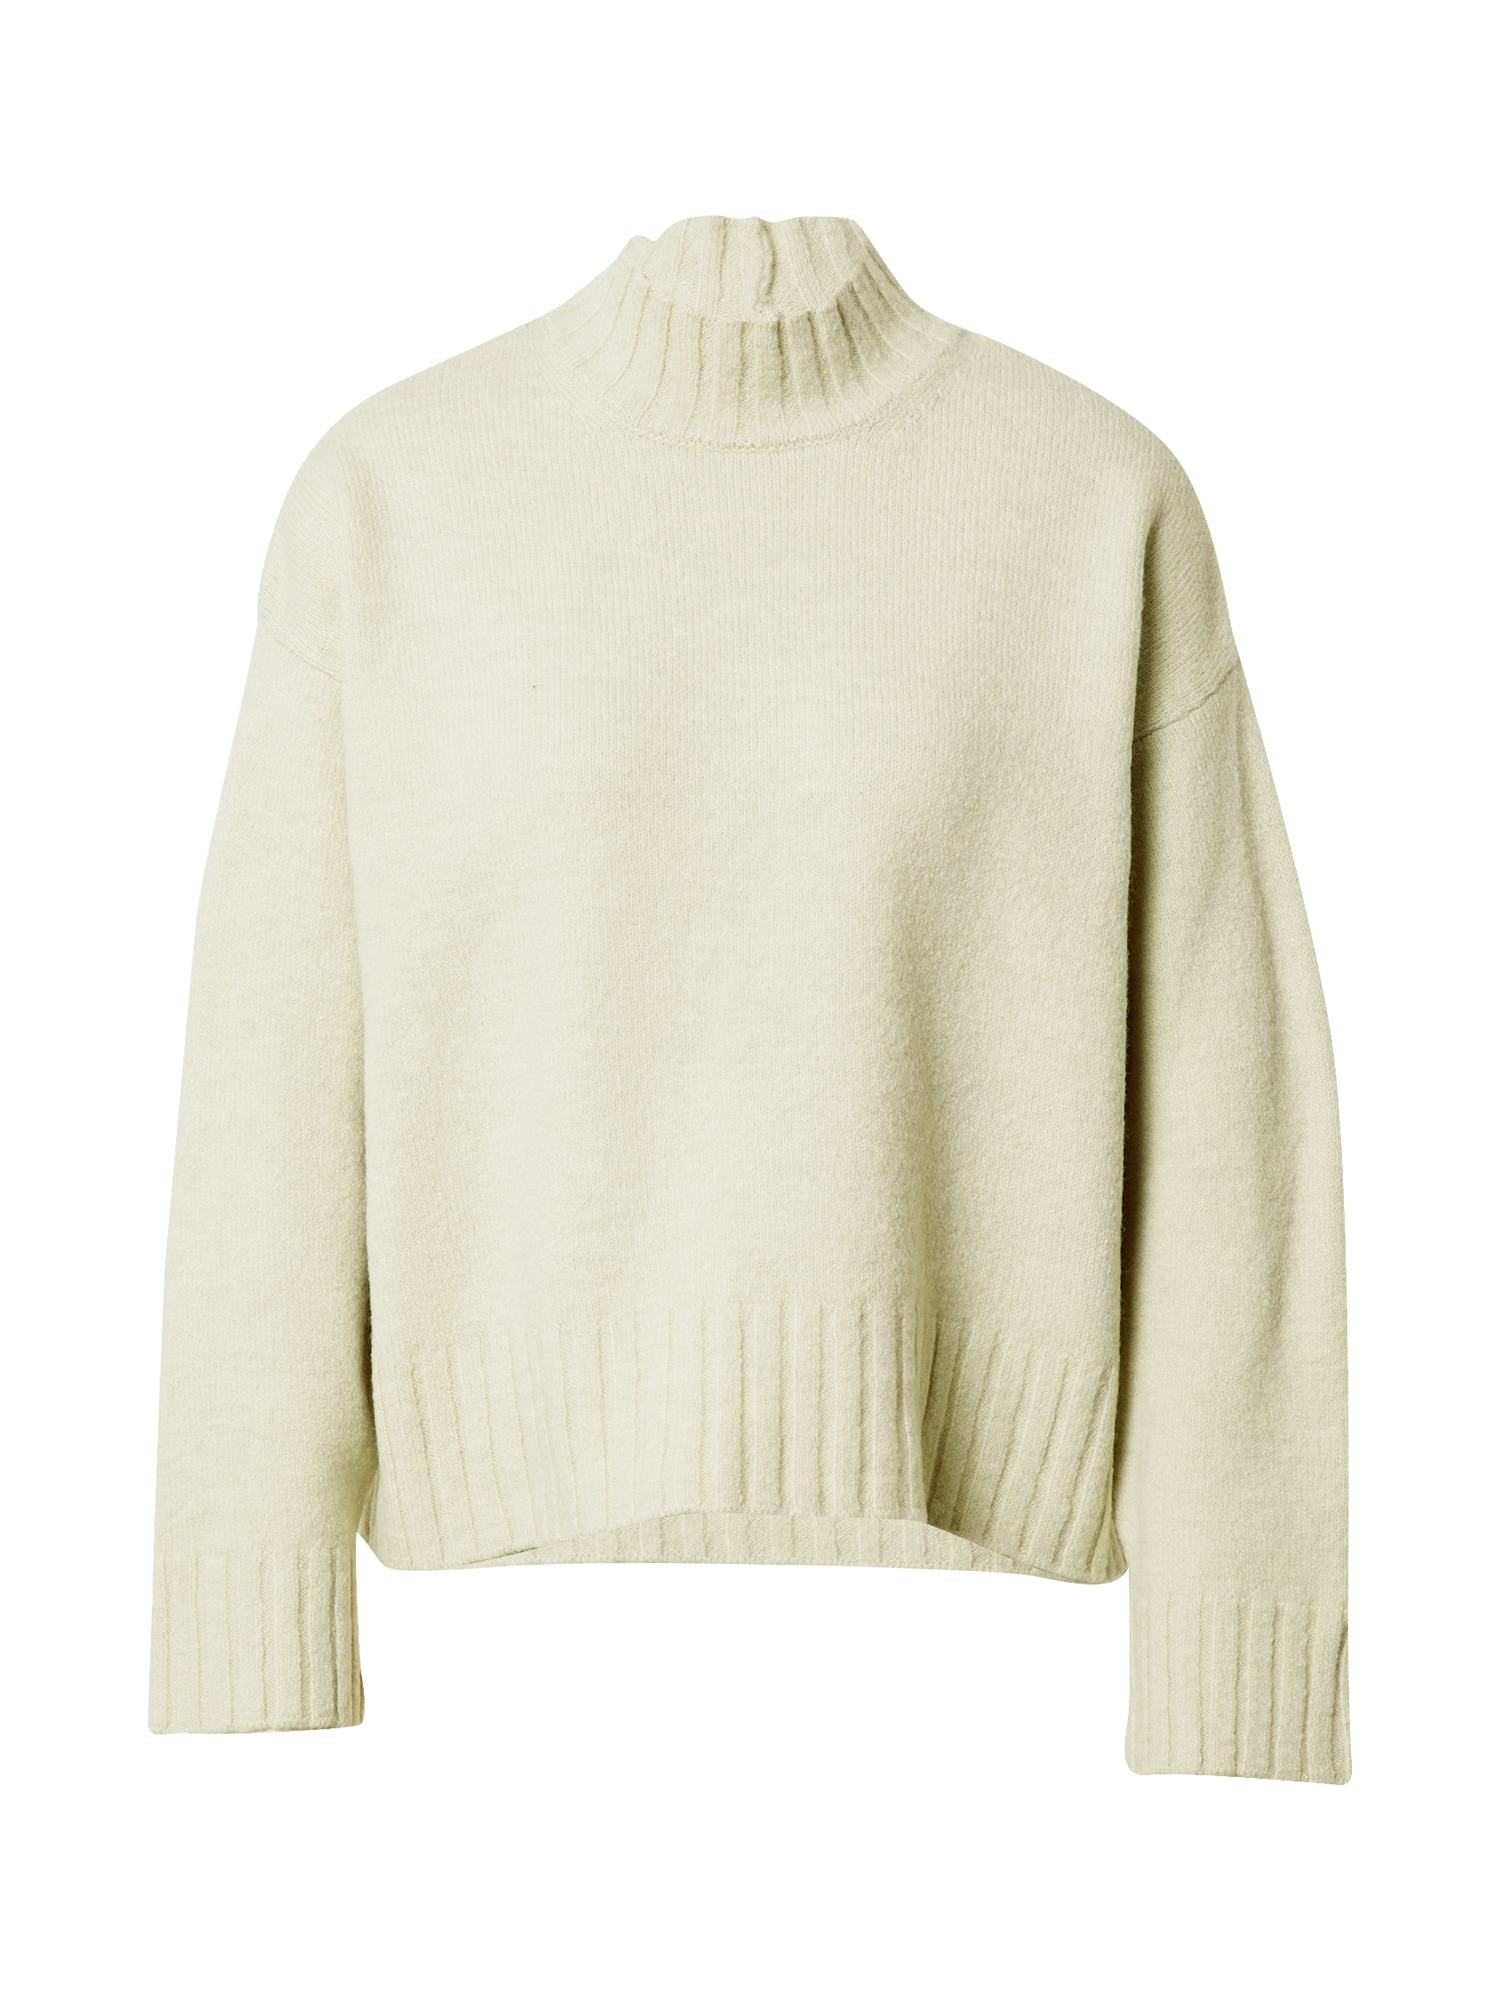 NEW LOOK Megztinis šviesiai žalia